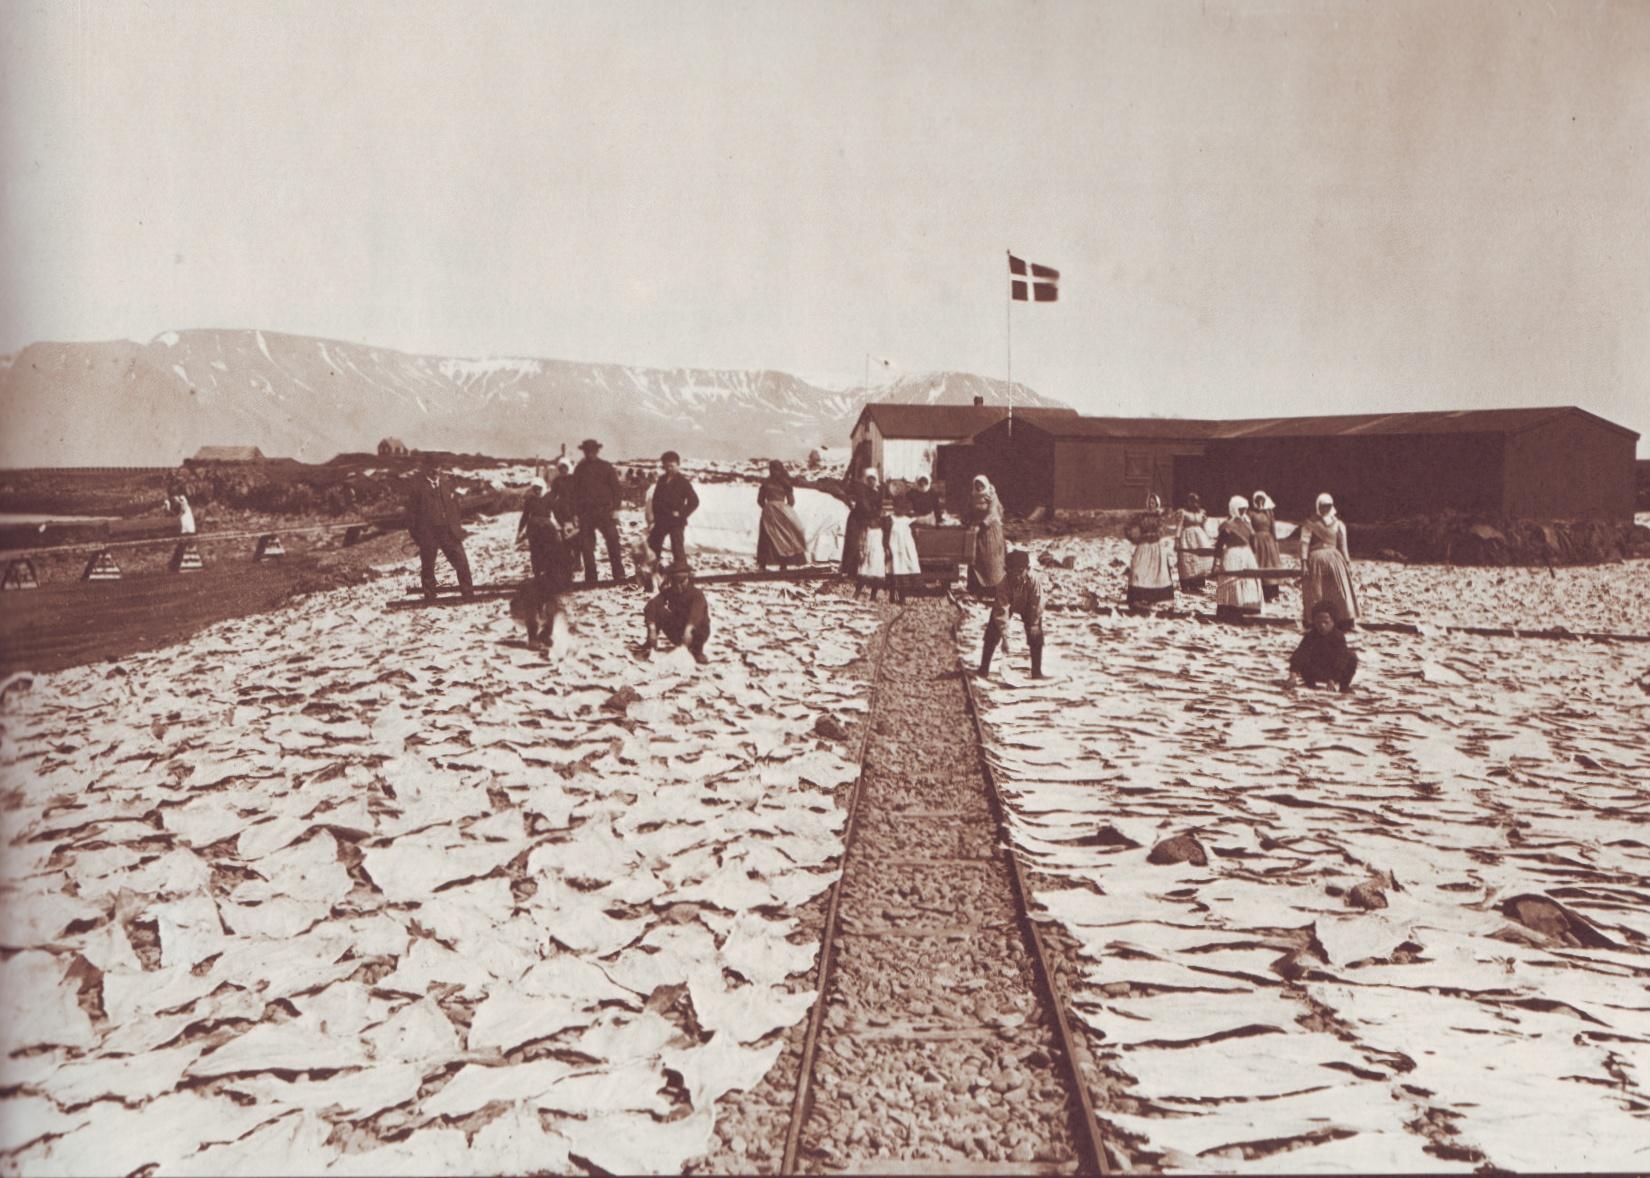 """Iceland is Close to Greenland - Sigfús Eymundsson (1837 - 1911) - Scanned from """"Þór Magnússon (1976). Ljósmyndir Sigfúsar Eymundssonar Almenna bókafélagið, Reykjavík."""" page 73"""